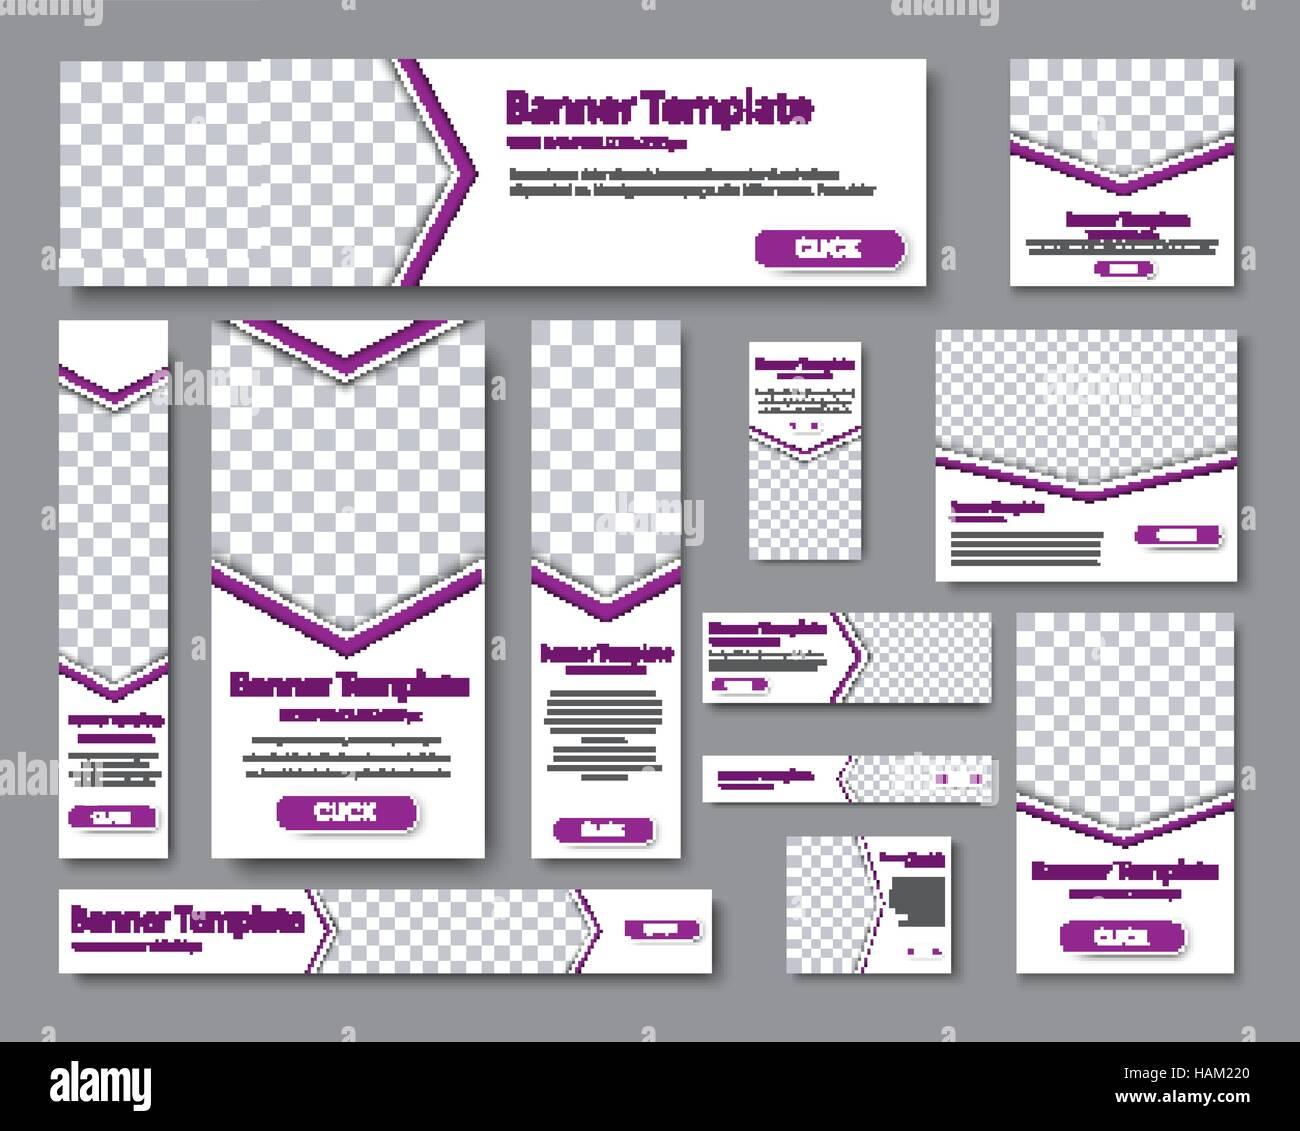 Gestalten Sie Web-Banner von verschiedenen Standardgrößen. Vorlagen ...